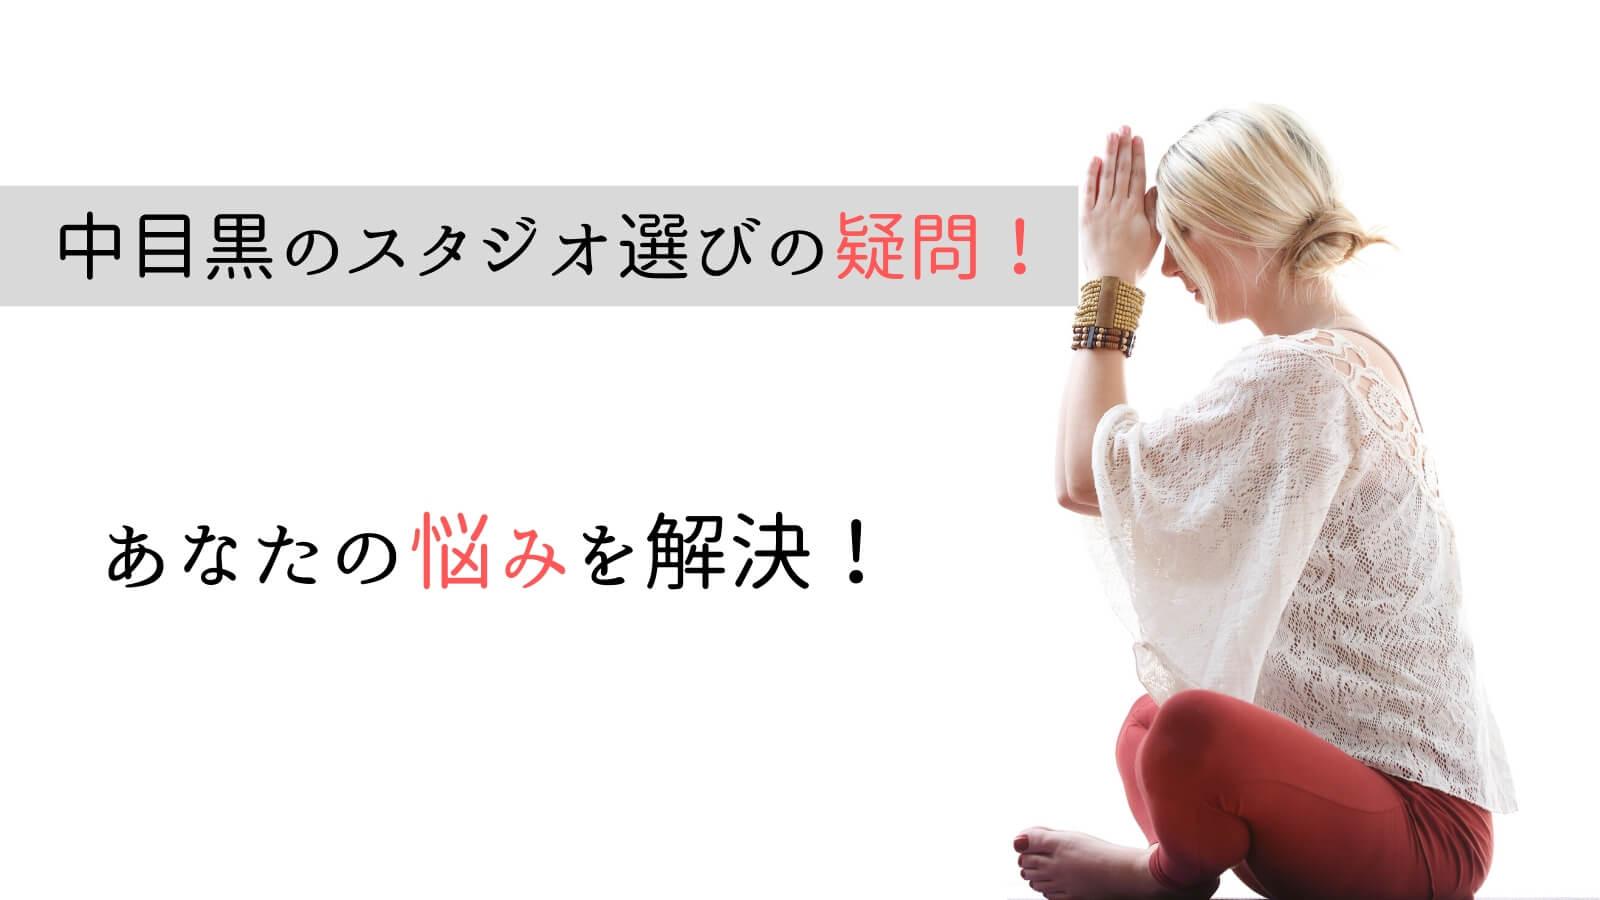 中目黒でのヨガ・ピラティススタジオ選びに関するQ&A